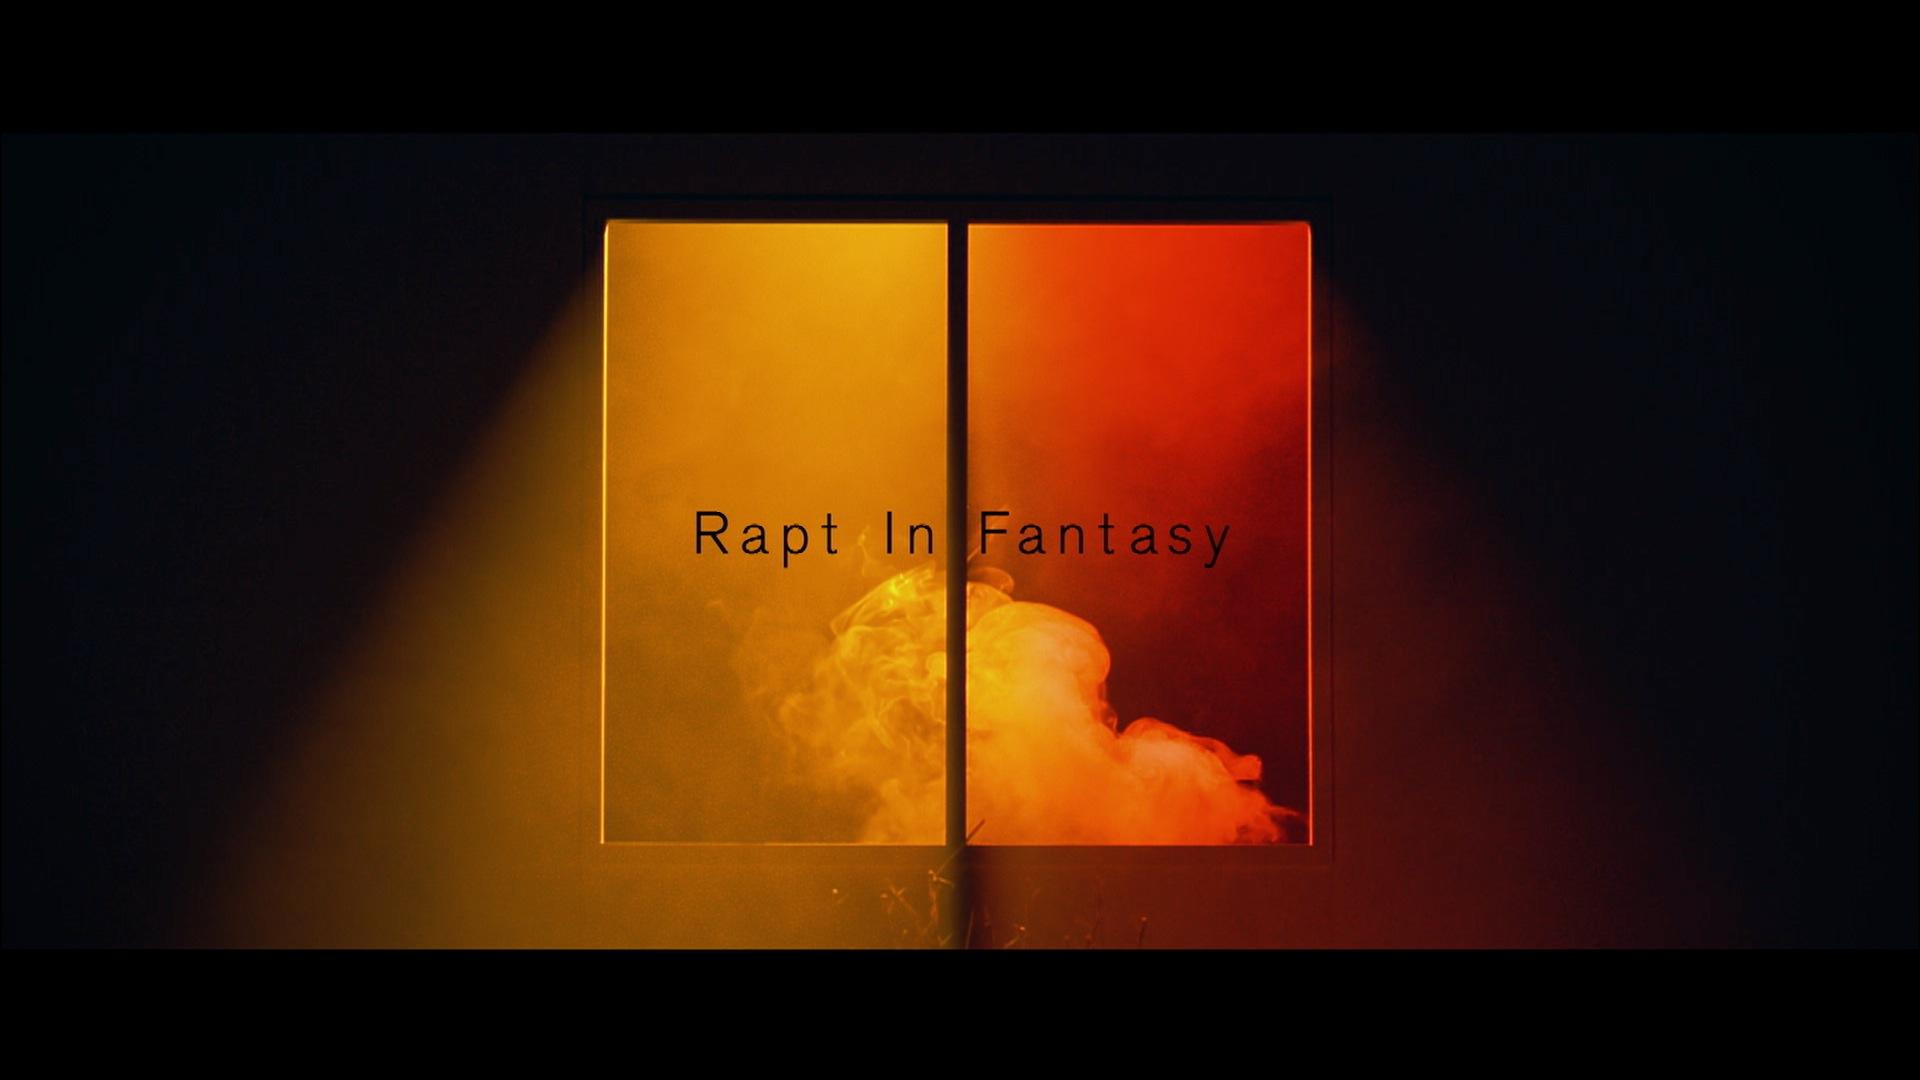 Rapt In Fantasy